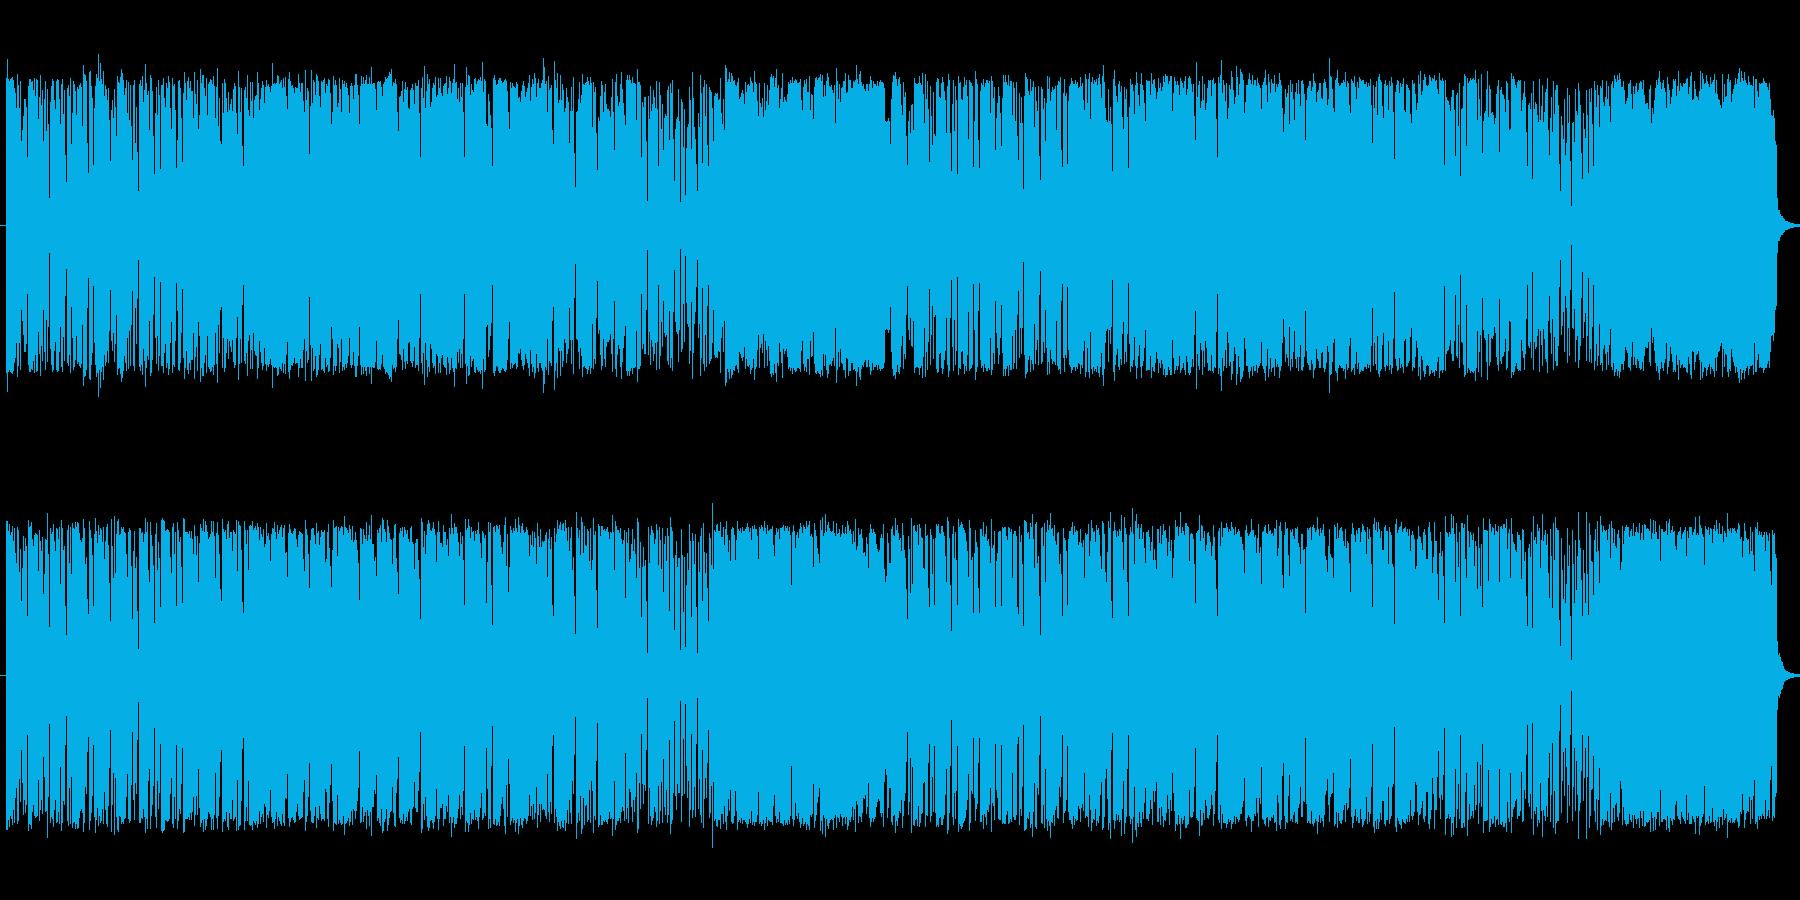 ボサノバ風の不思議な曲の再生済みの波形